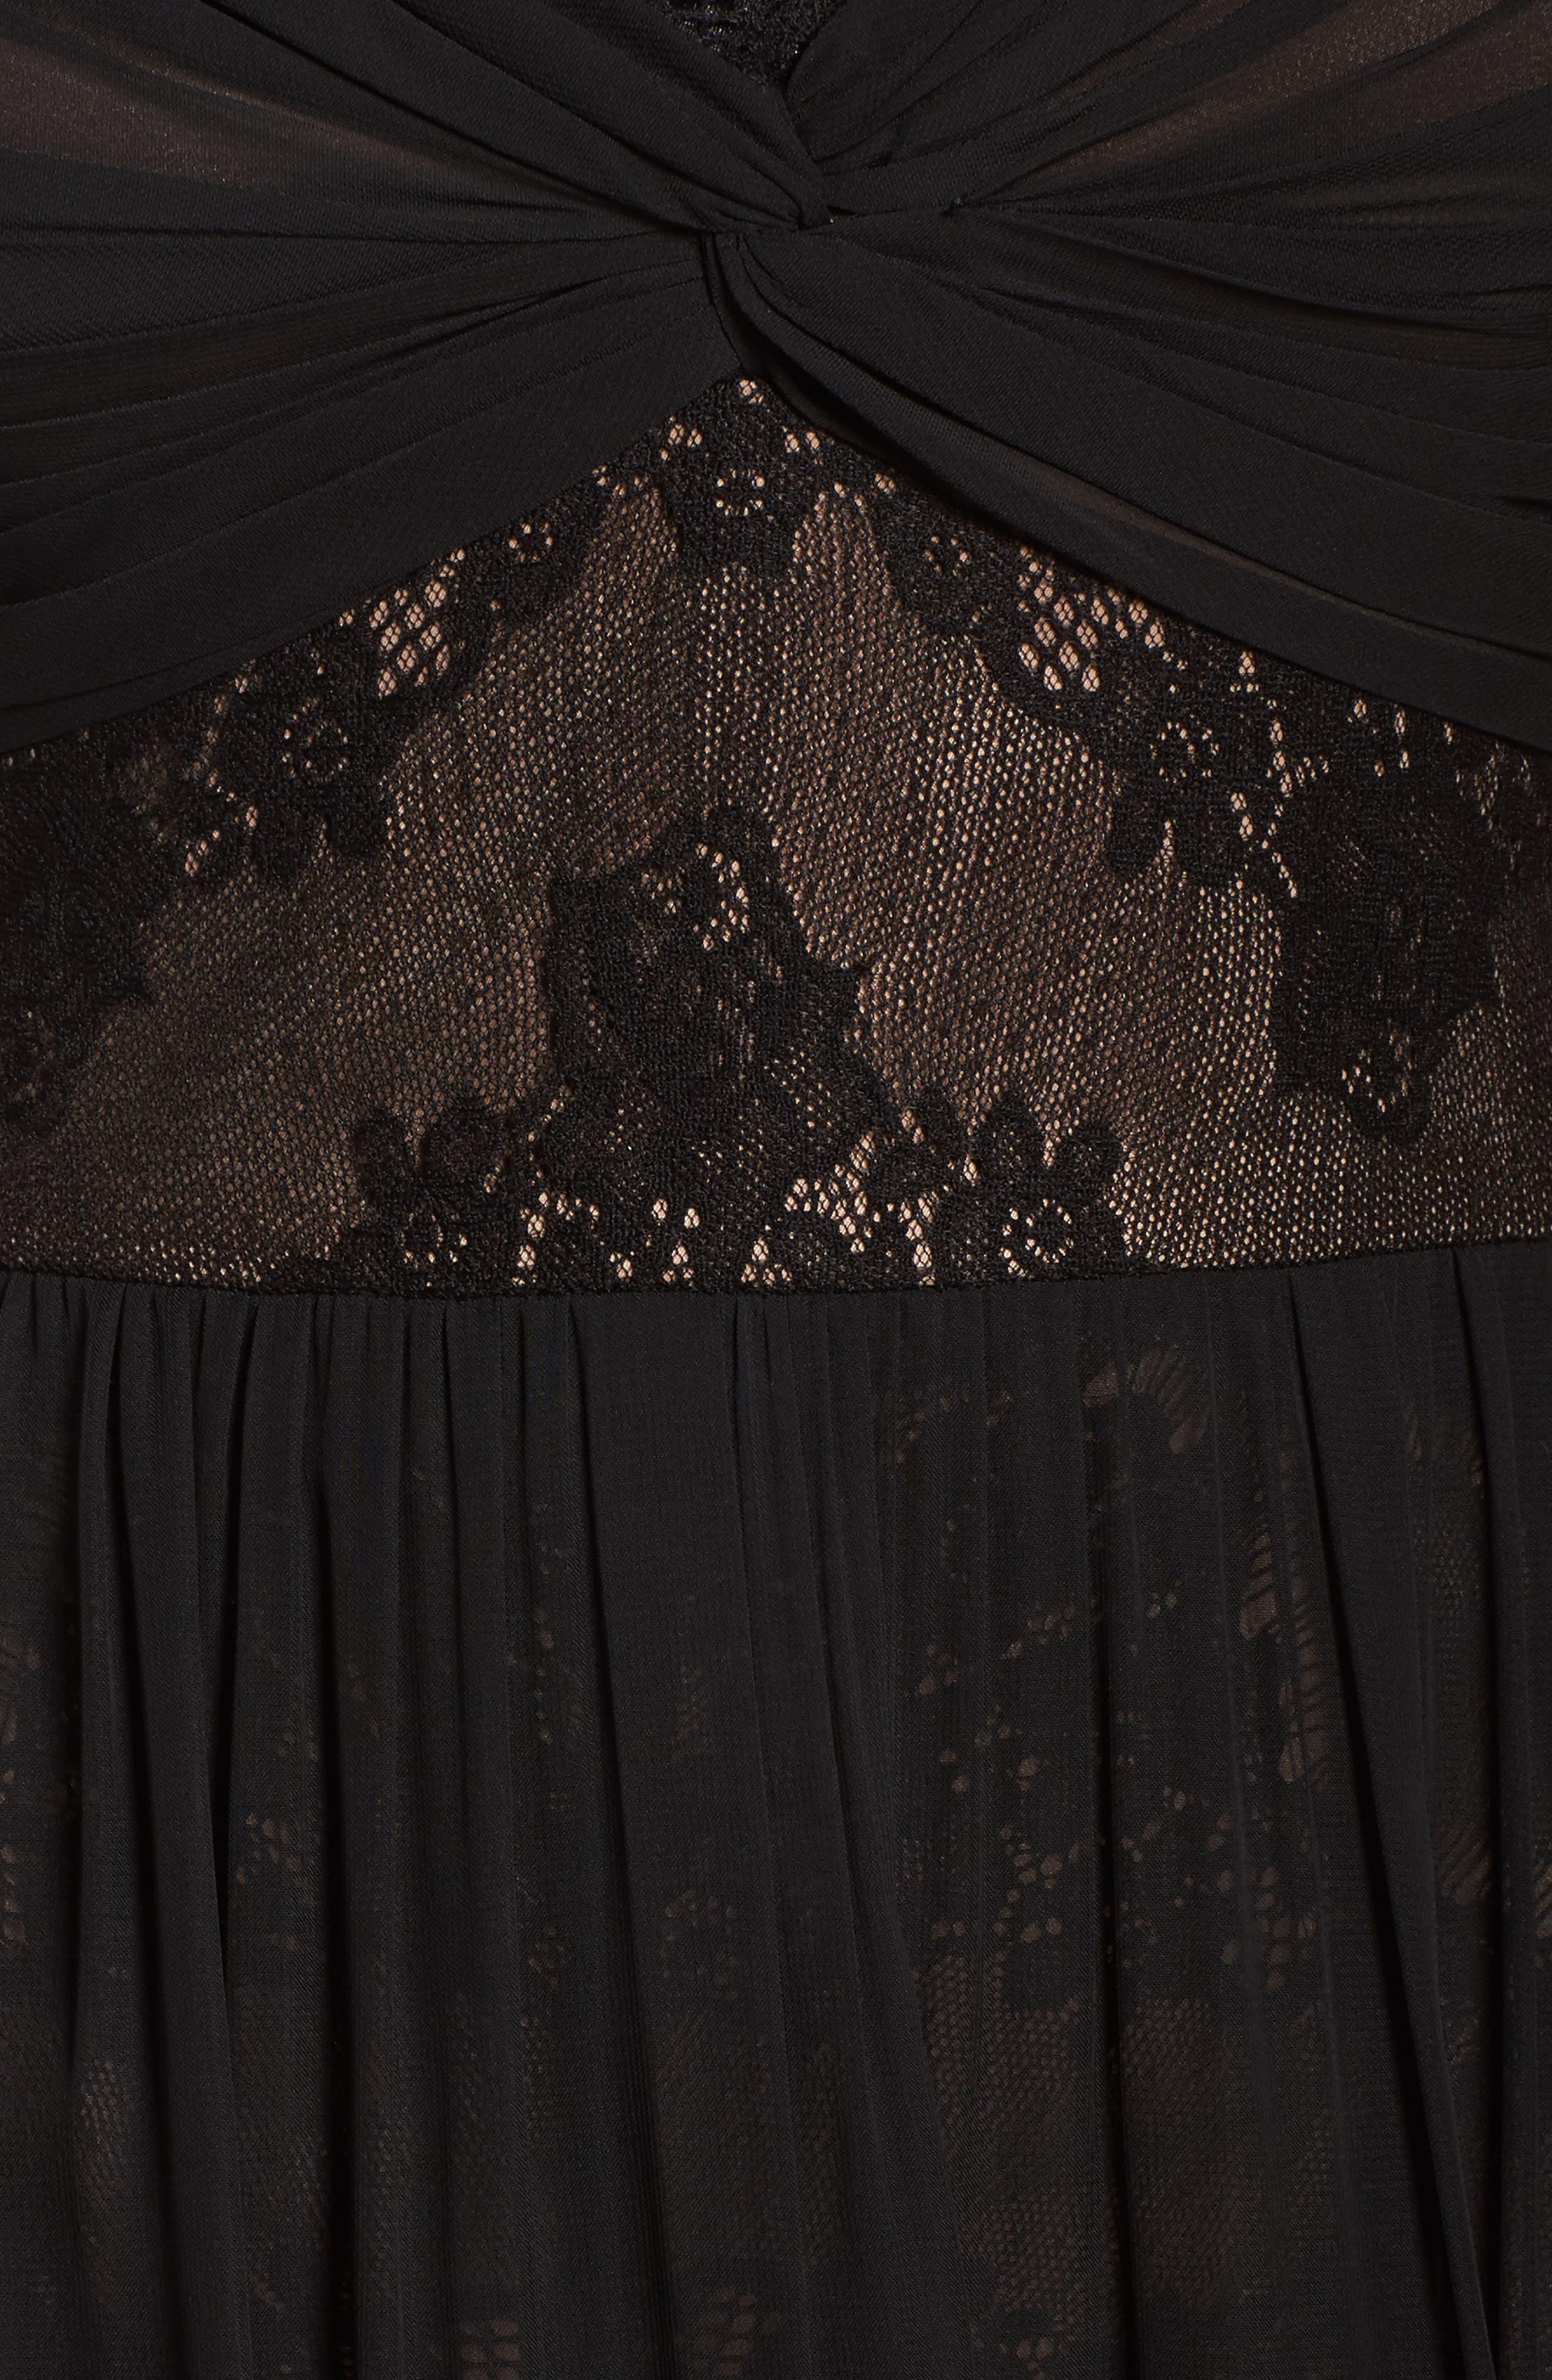 Lace Detail Gown,                             Alternate thumbnail 5, color,                             001